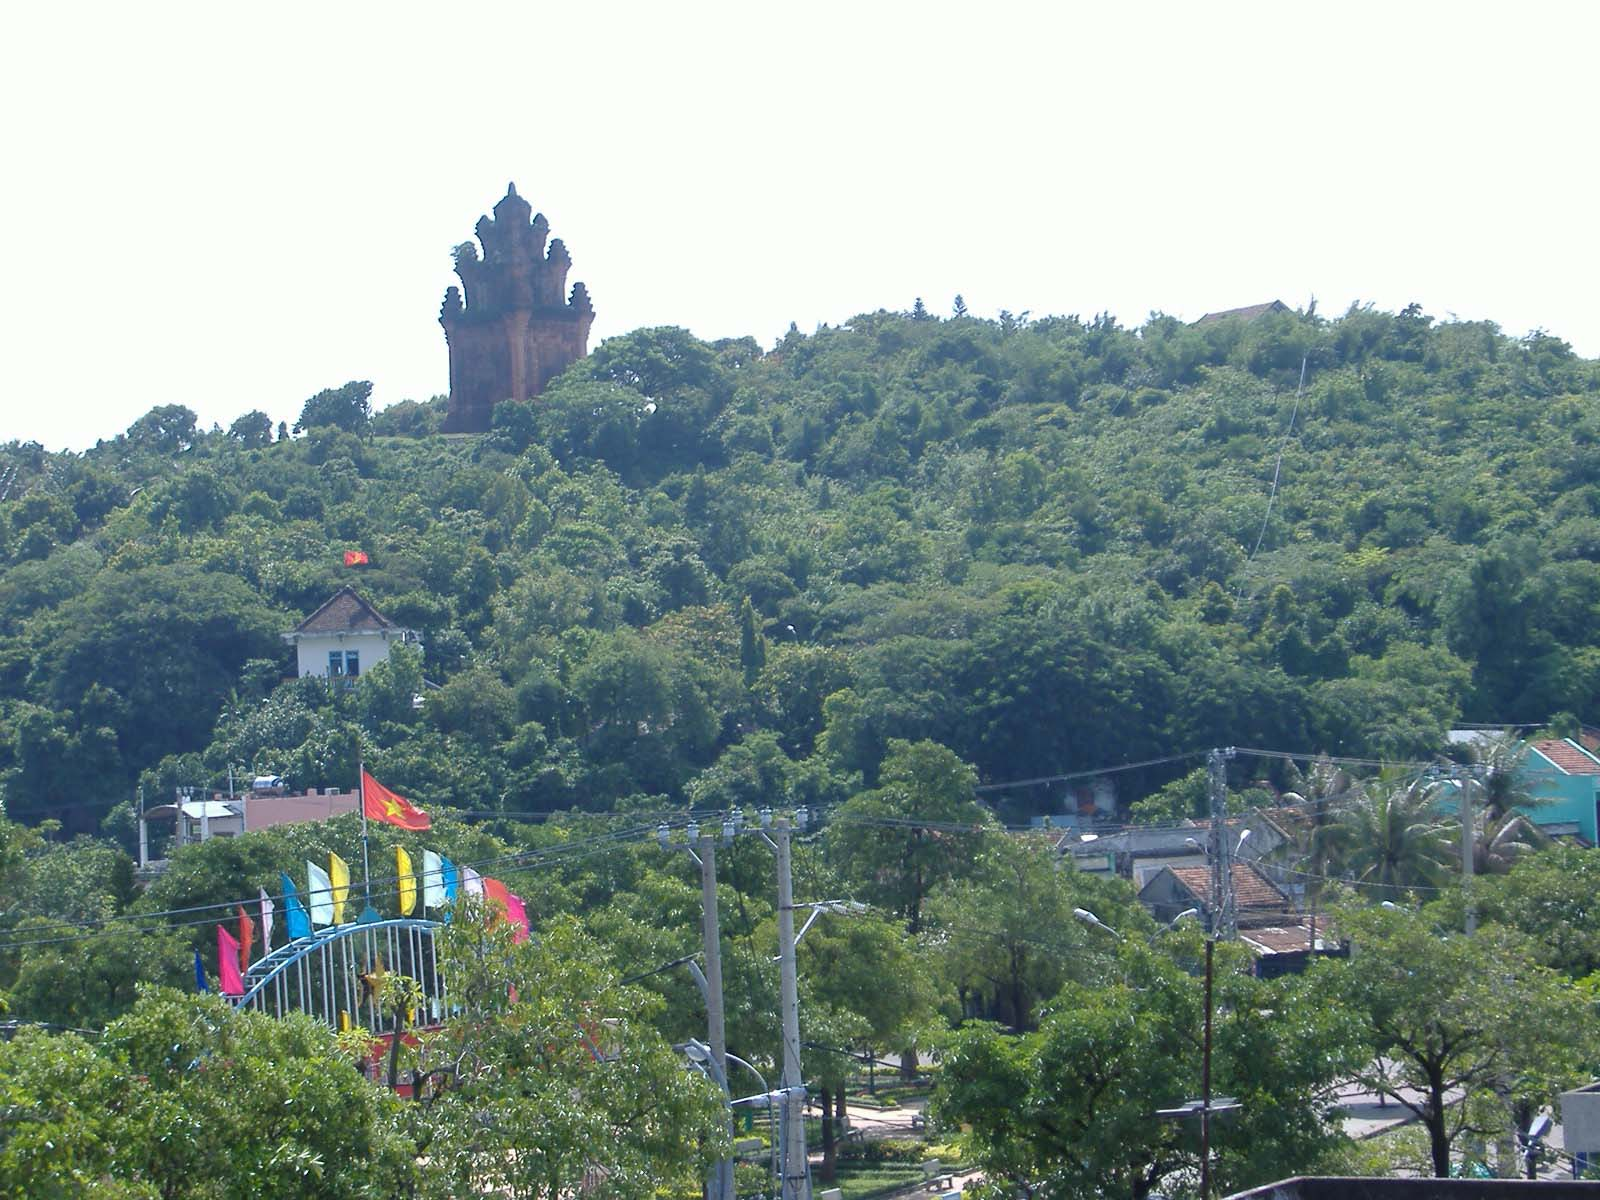 Du lịch tết tham quan khám phá Phú Yên